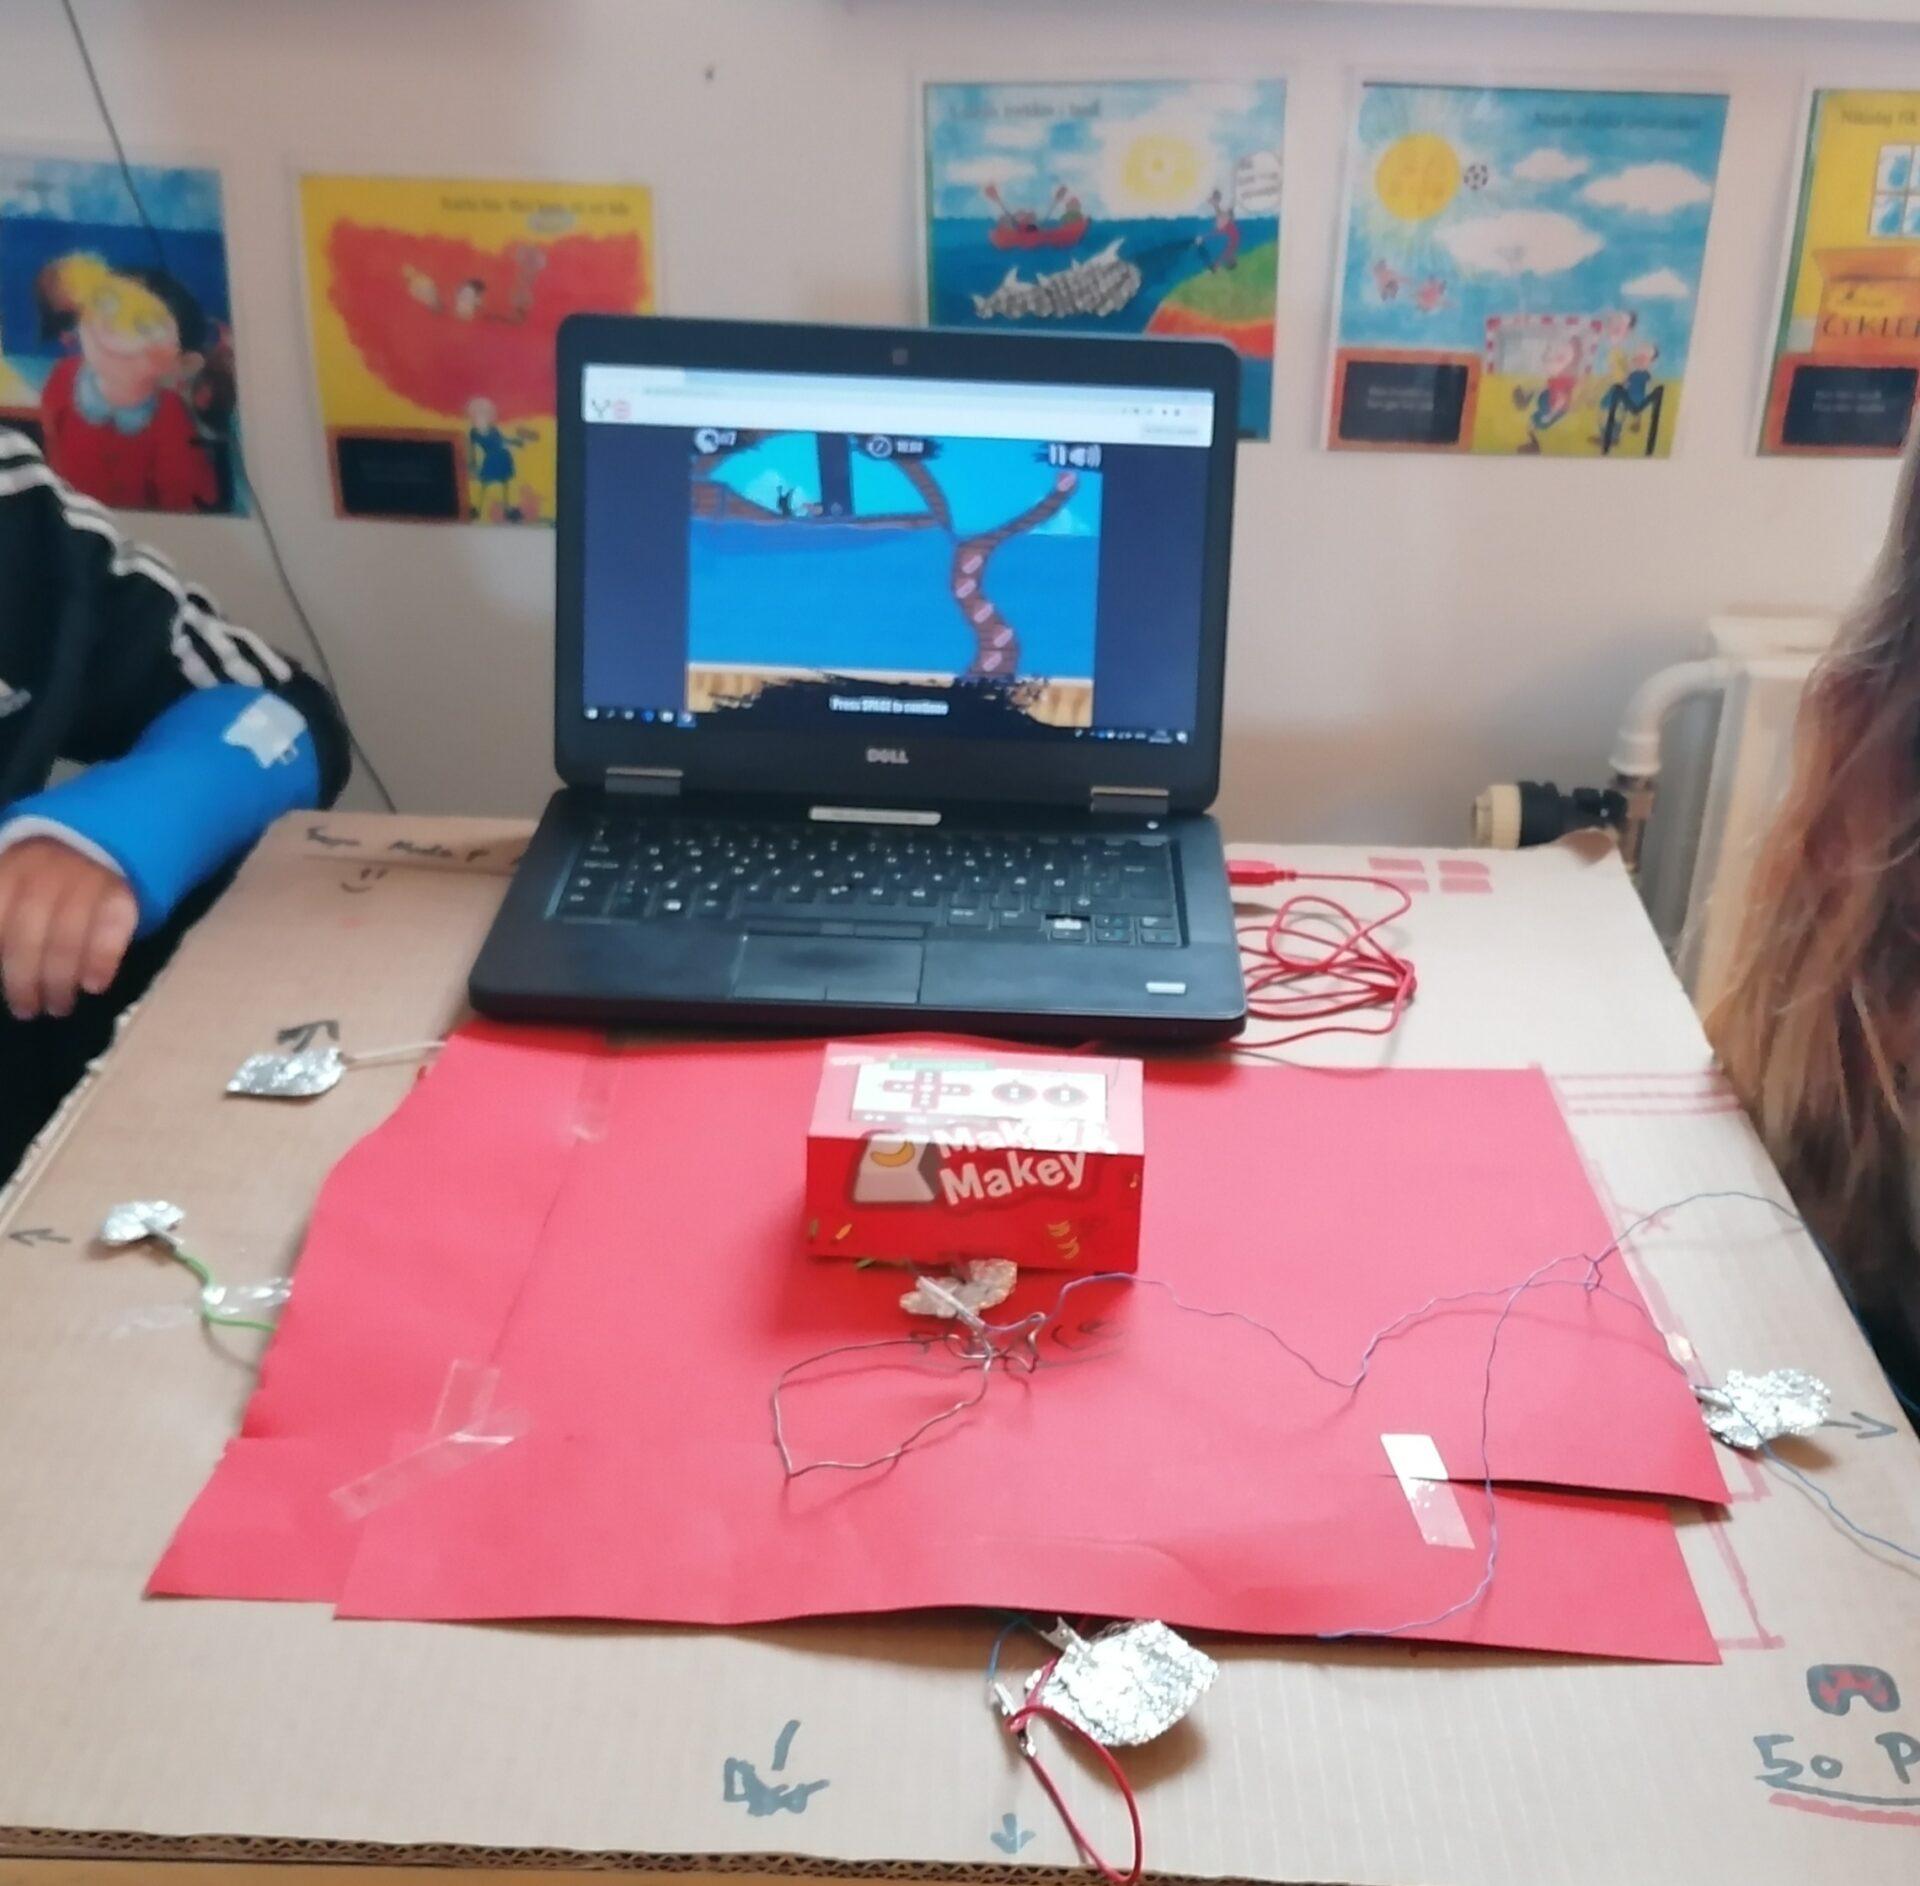 Elever har lavet en controller af en papæske placeret på et stykke rødt karton